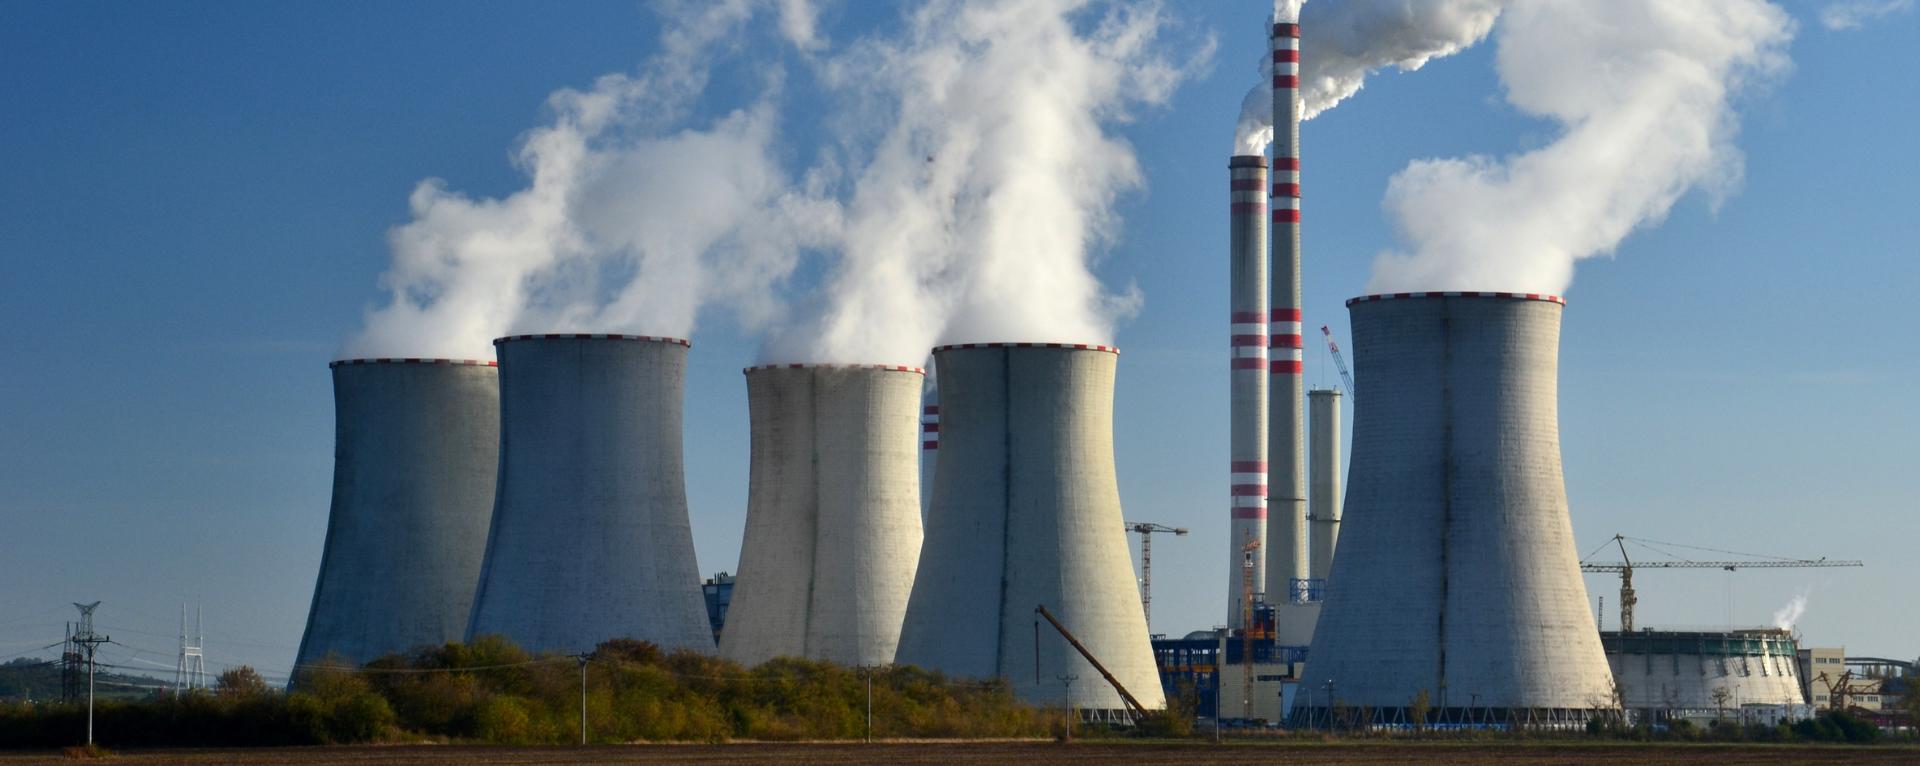 Prodat či neprodat. Má ČEZ prodat uhelnou elektrárnu Počerady?